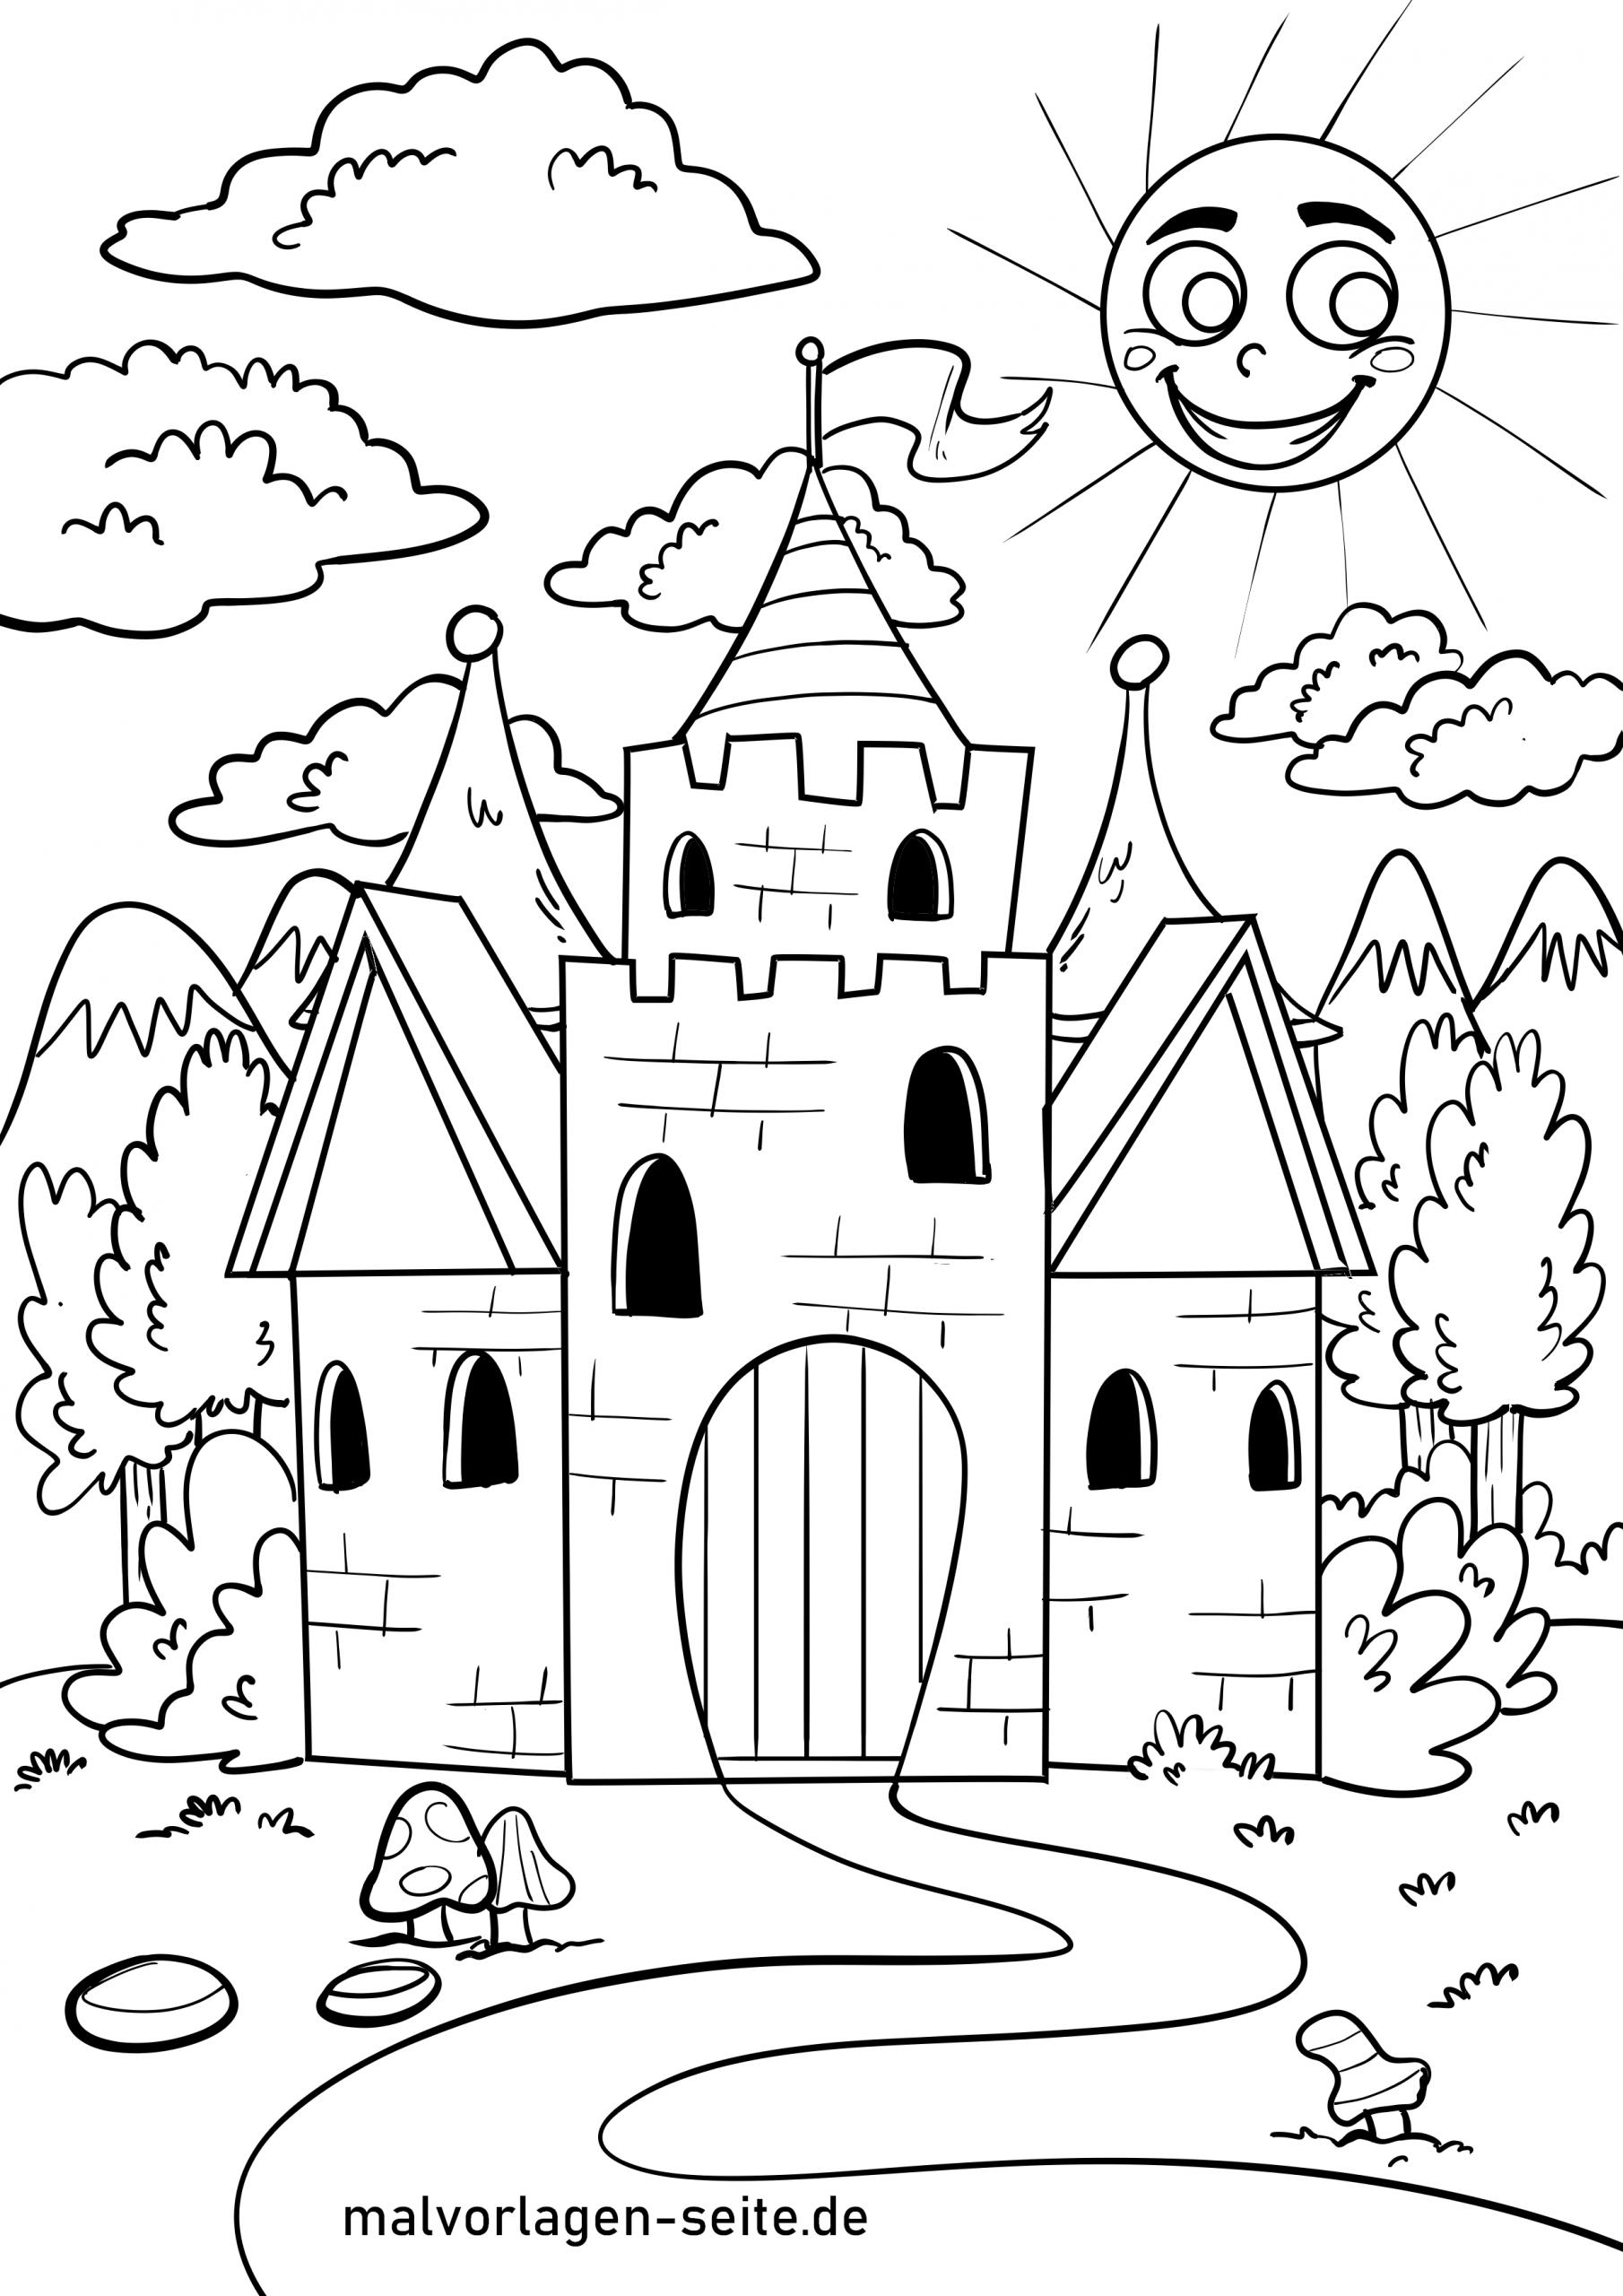 Ausmalbild Burg - Ausmalbilder Kostenlos Herunterladen für Ausmalbild Ritterburg